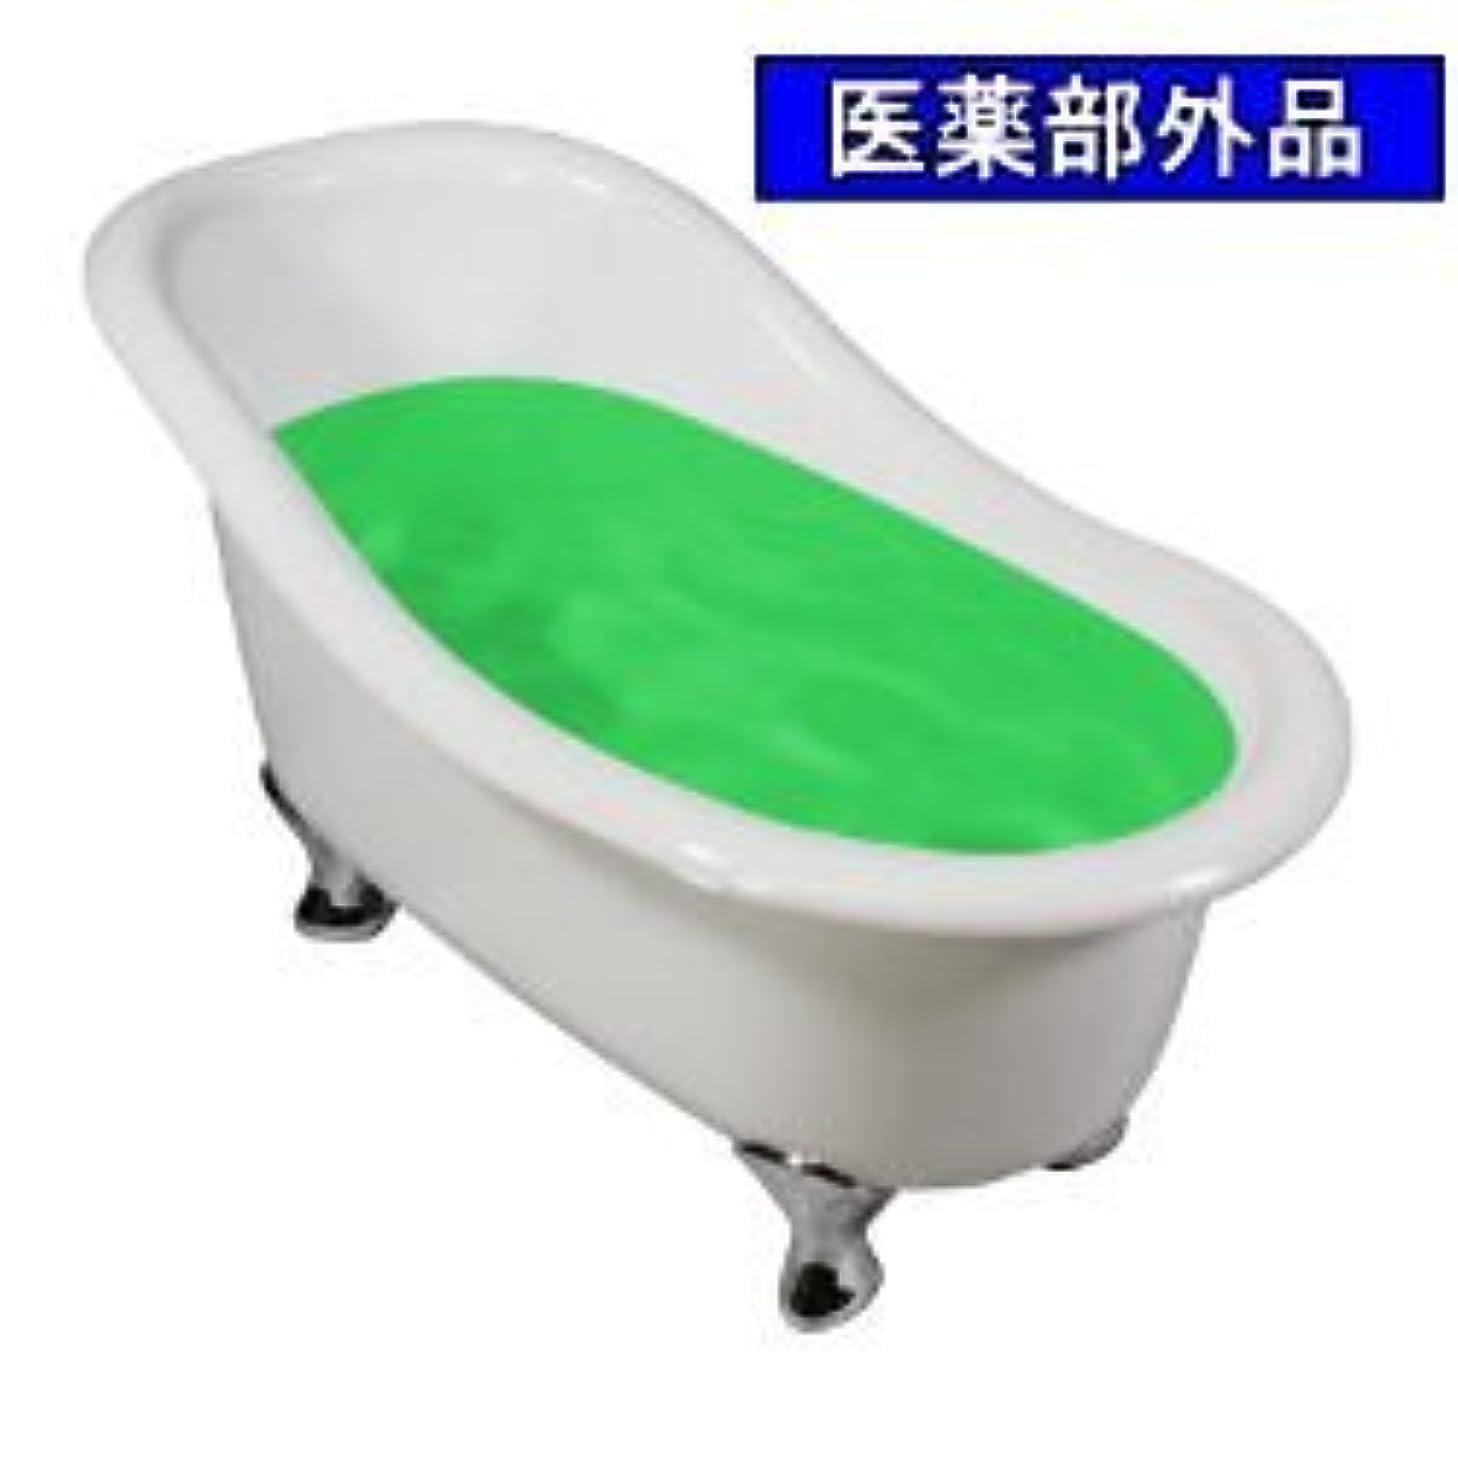 浴核ブルジョン業務用薬用入浴剤バスフレンド 薬草 17kg 医薬部外品